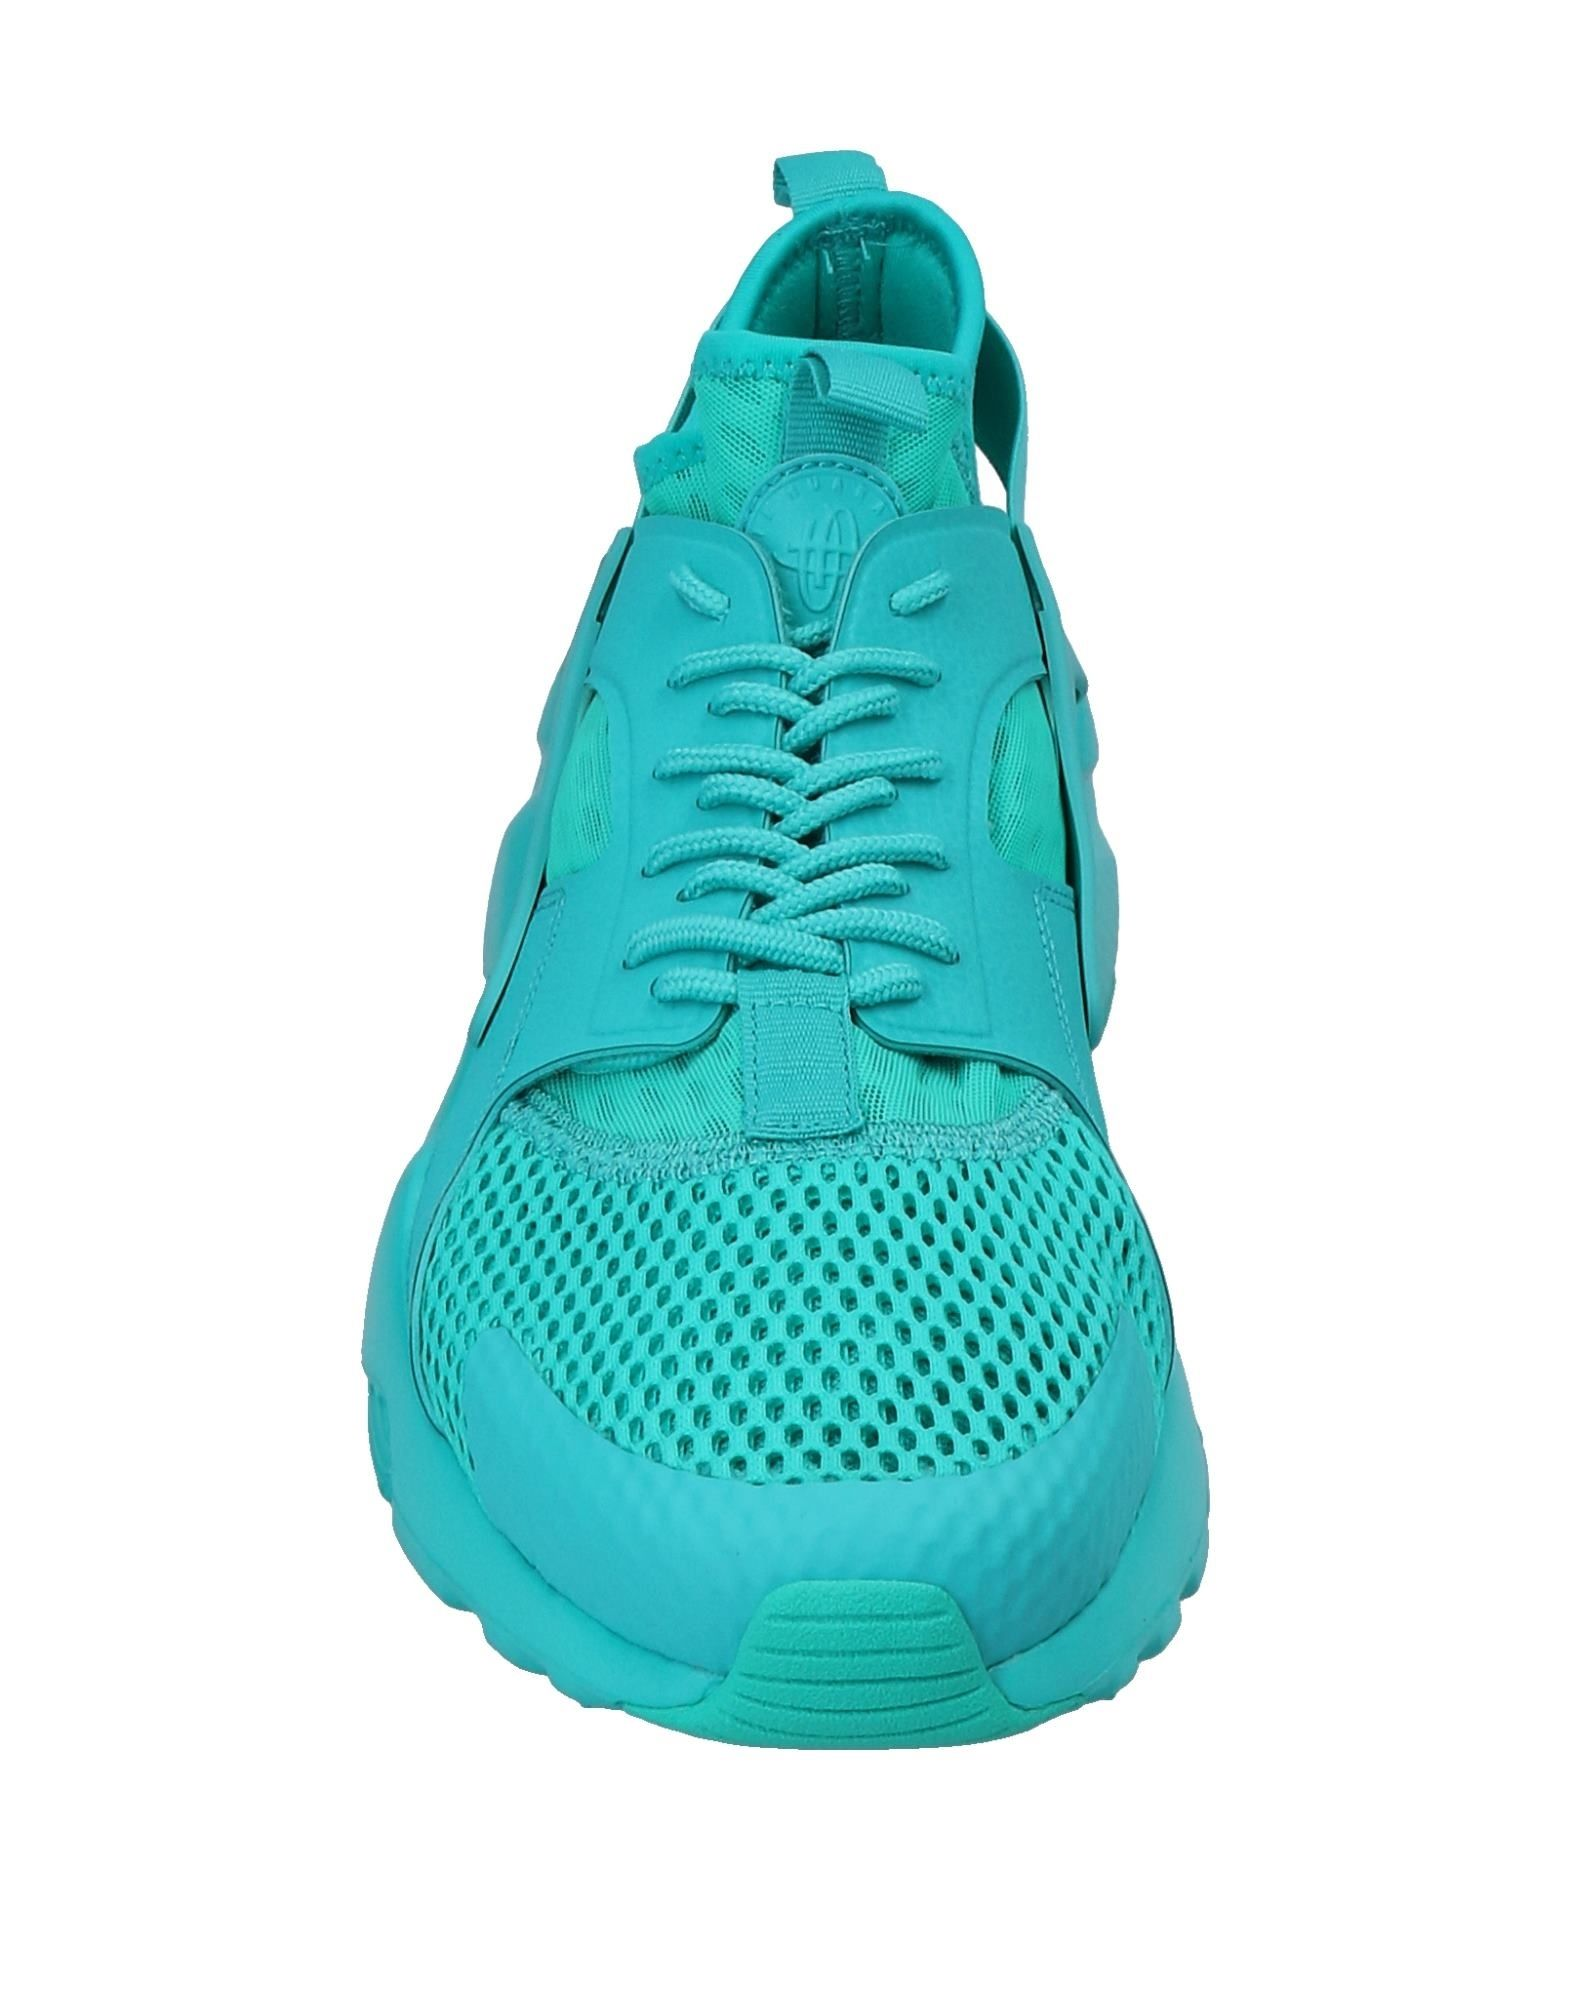 Nike Sneakers Sneakers Nike Herren Gutes Preis-Leistungs-Verhältnis, es lohnt sich 55236c